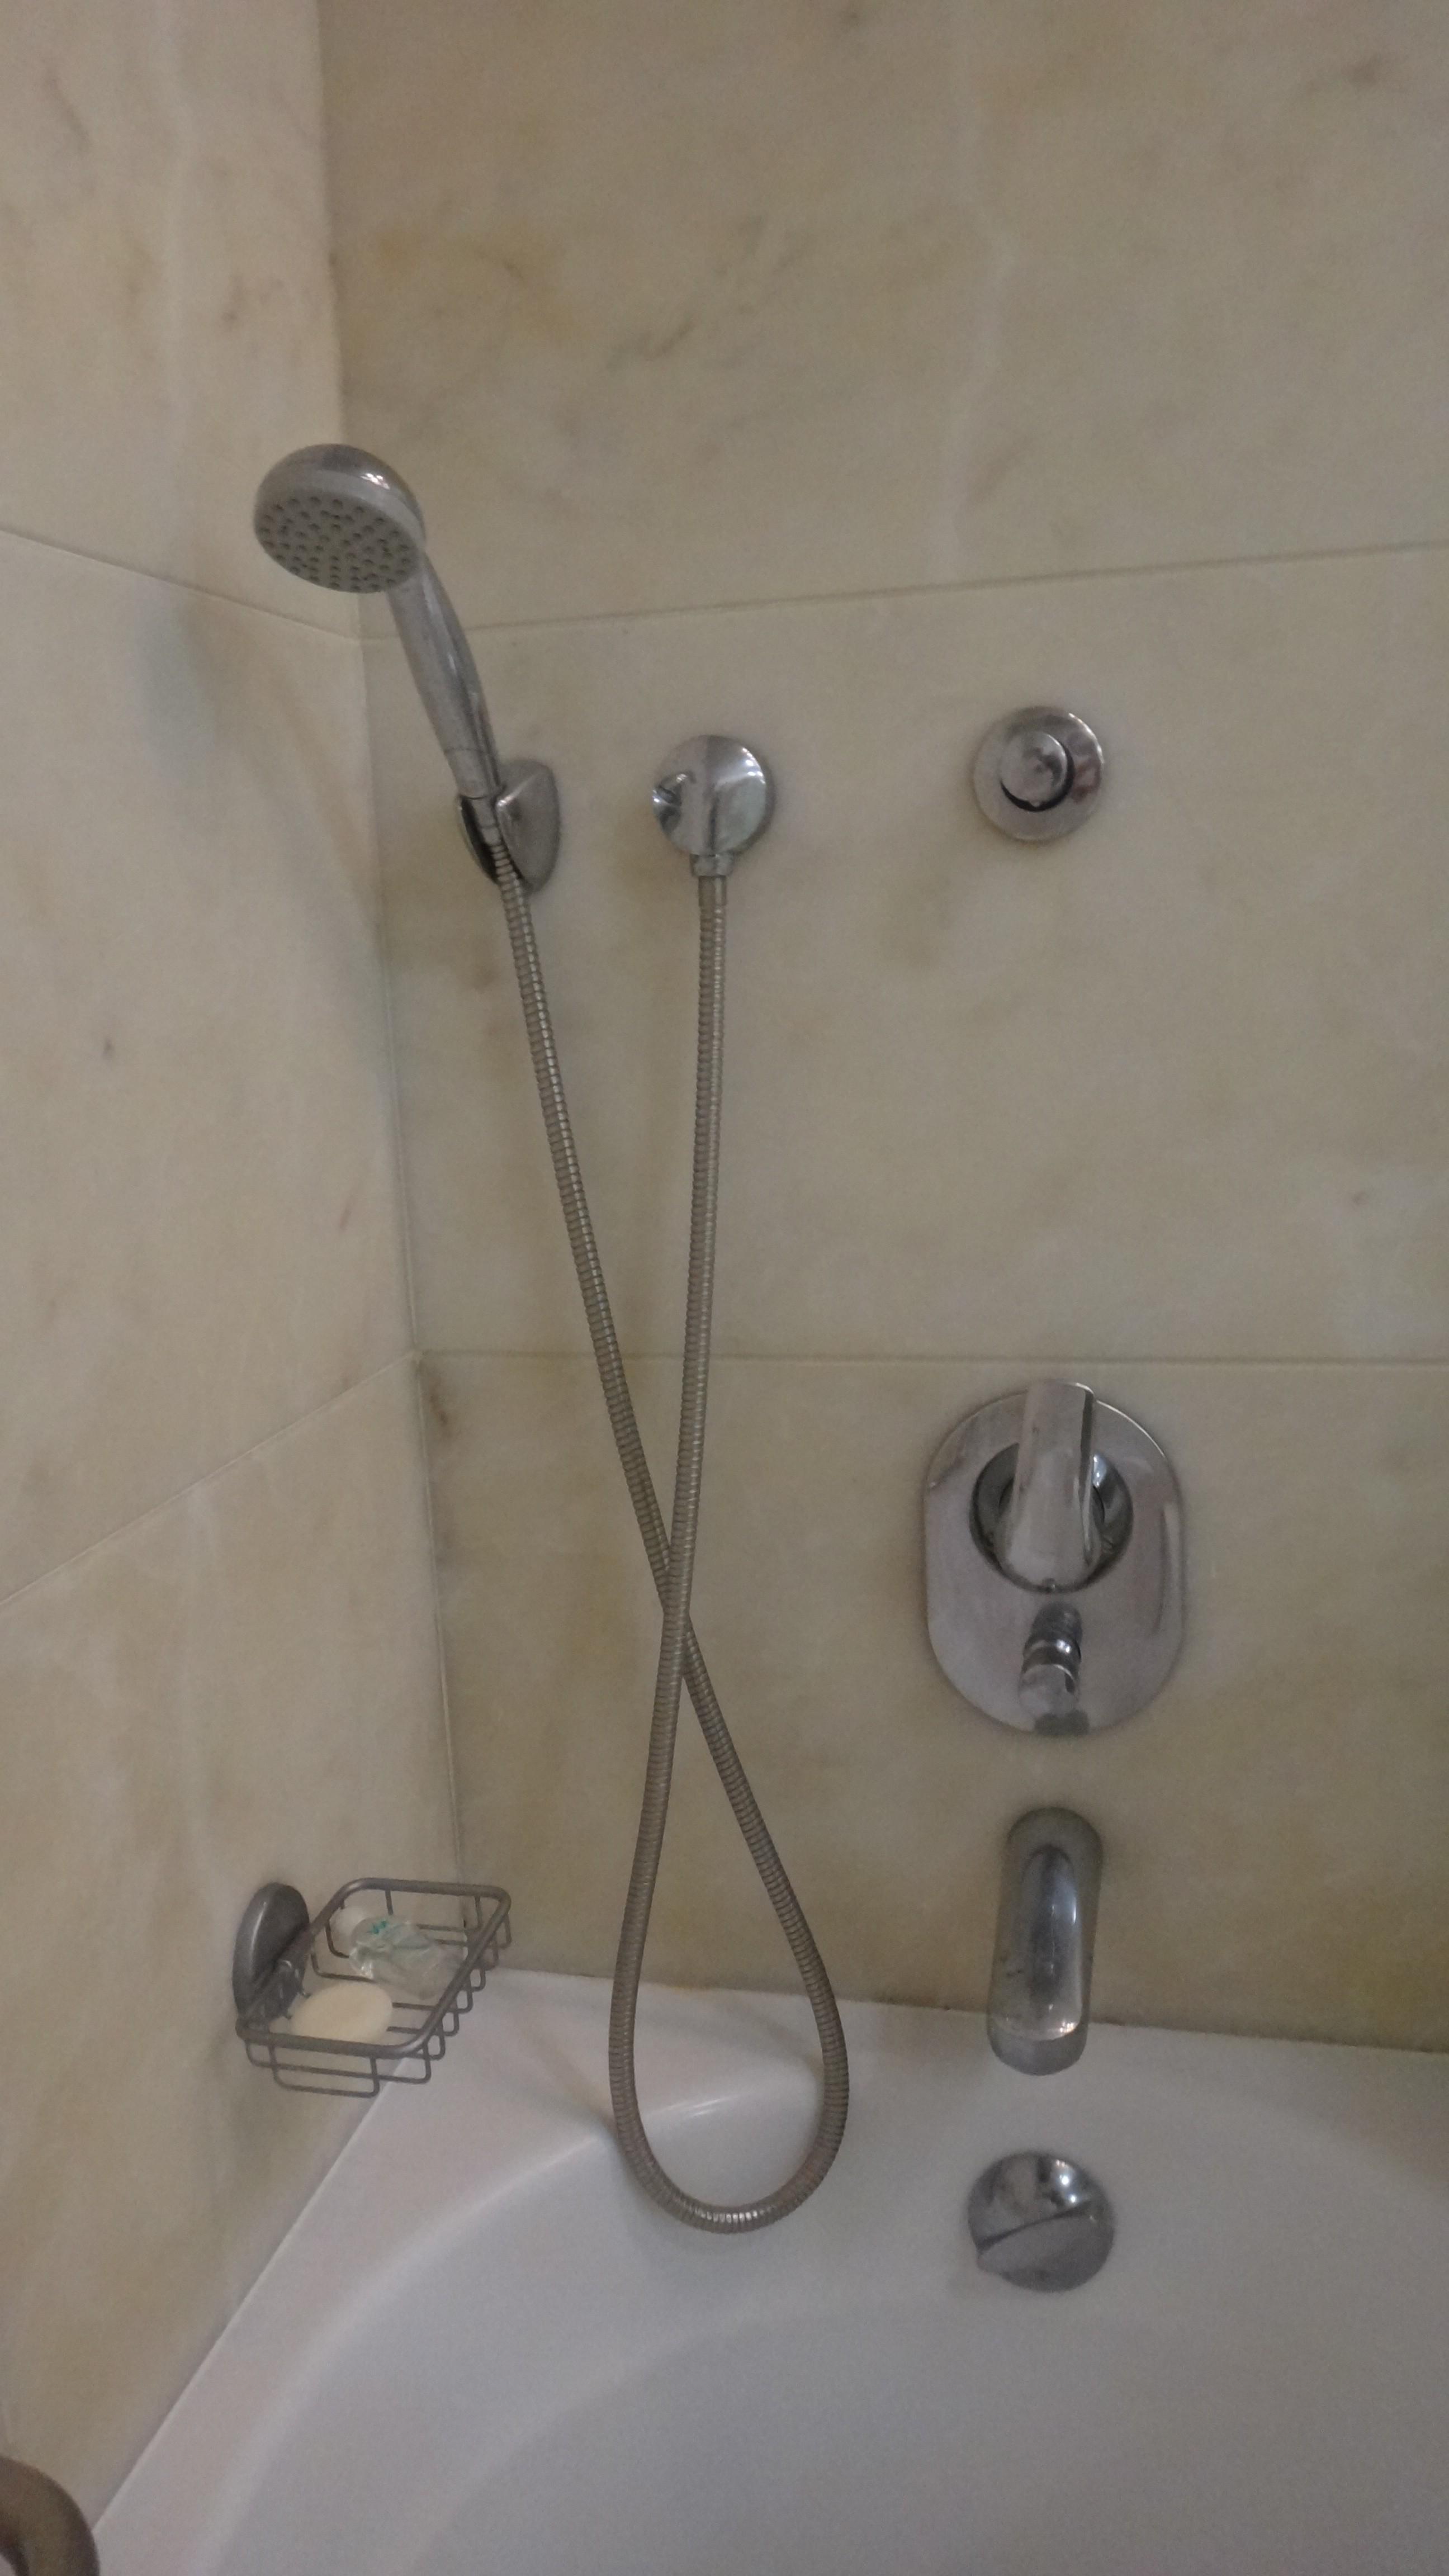 出張中に出会った浴室のUI